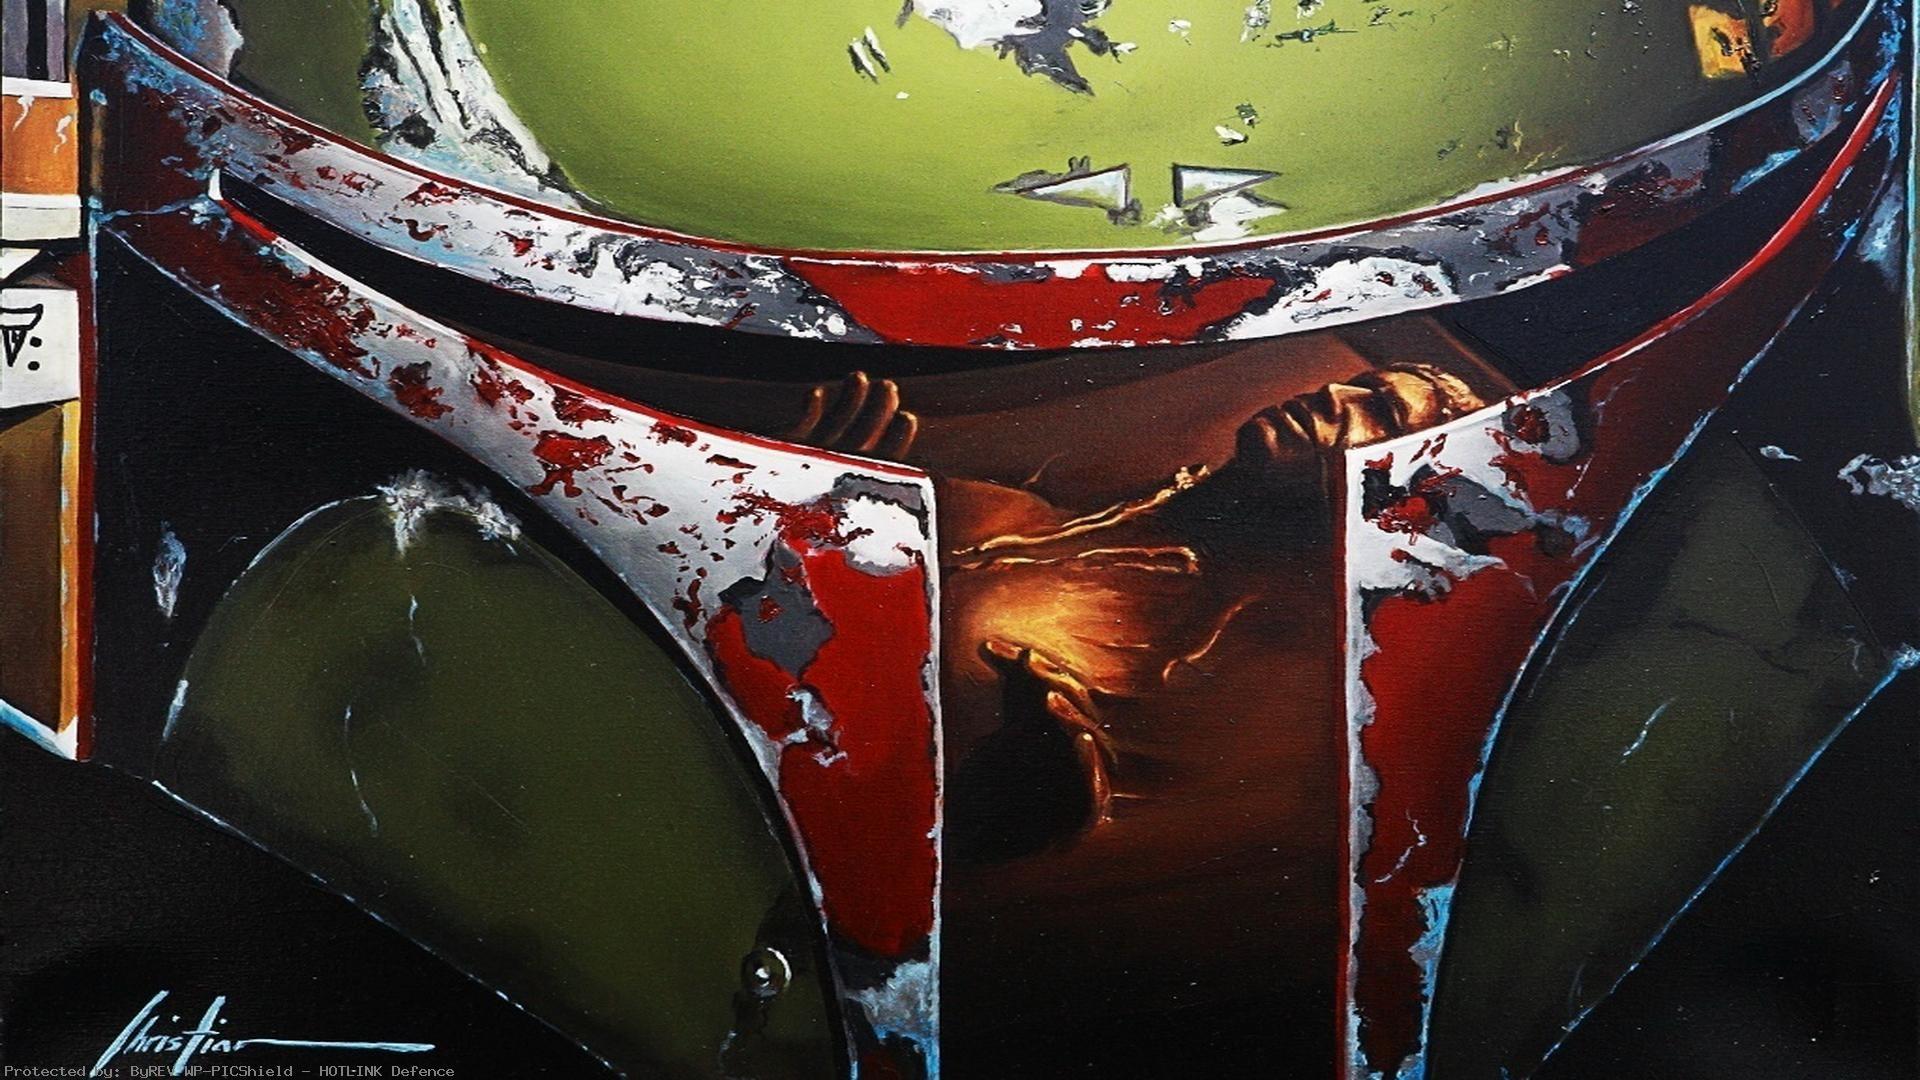 Star-Wars-Boba-Fett-1920×1080-star-wars-wallpaper-